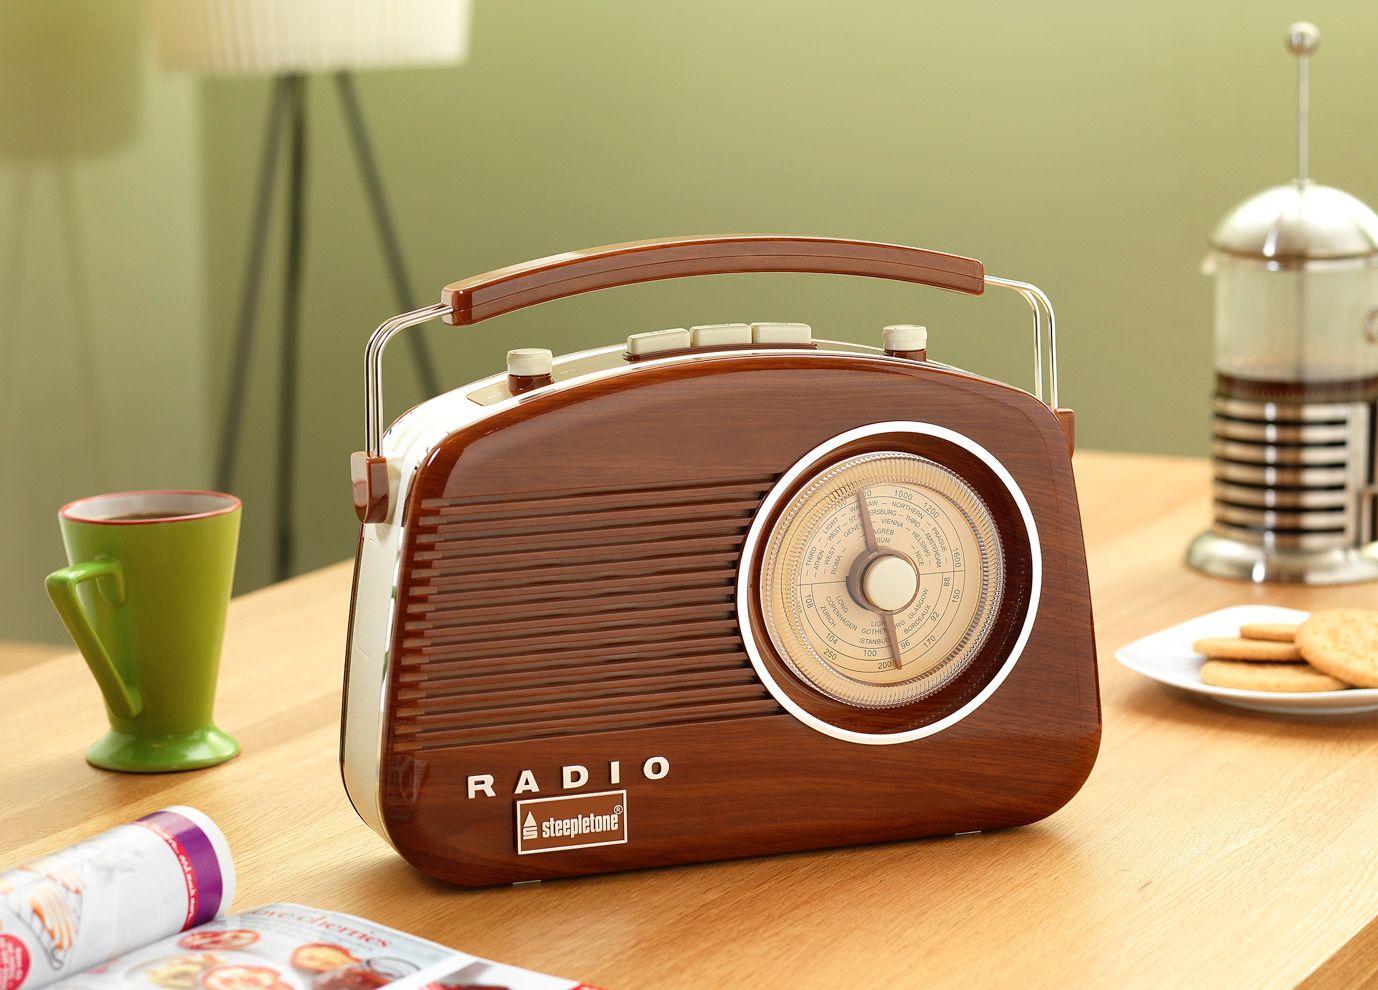 Steepletone Brighton Radio Woodgrain REDUCED